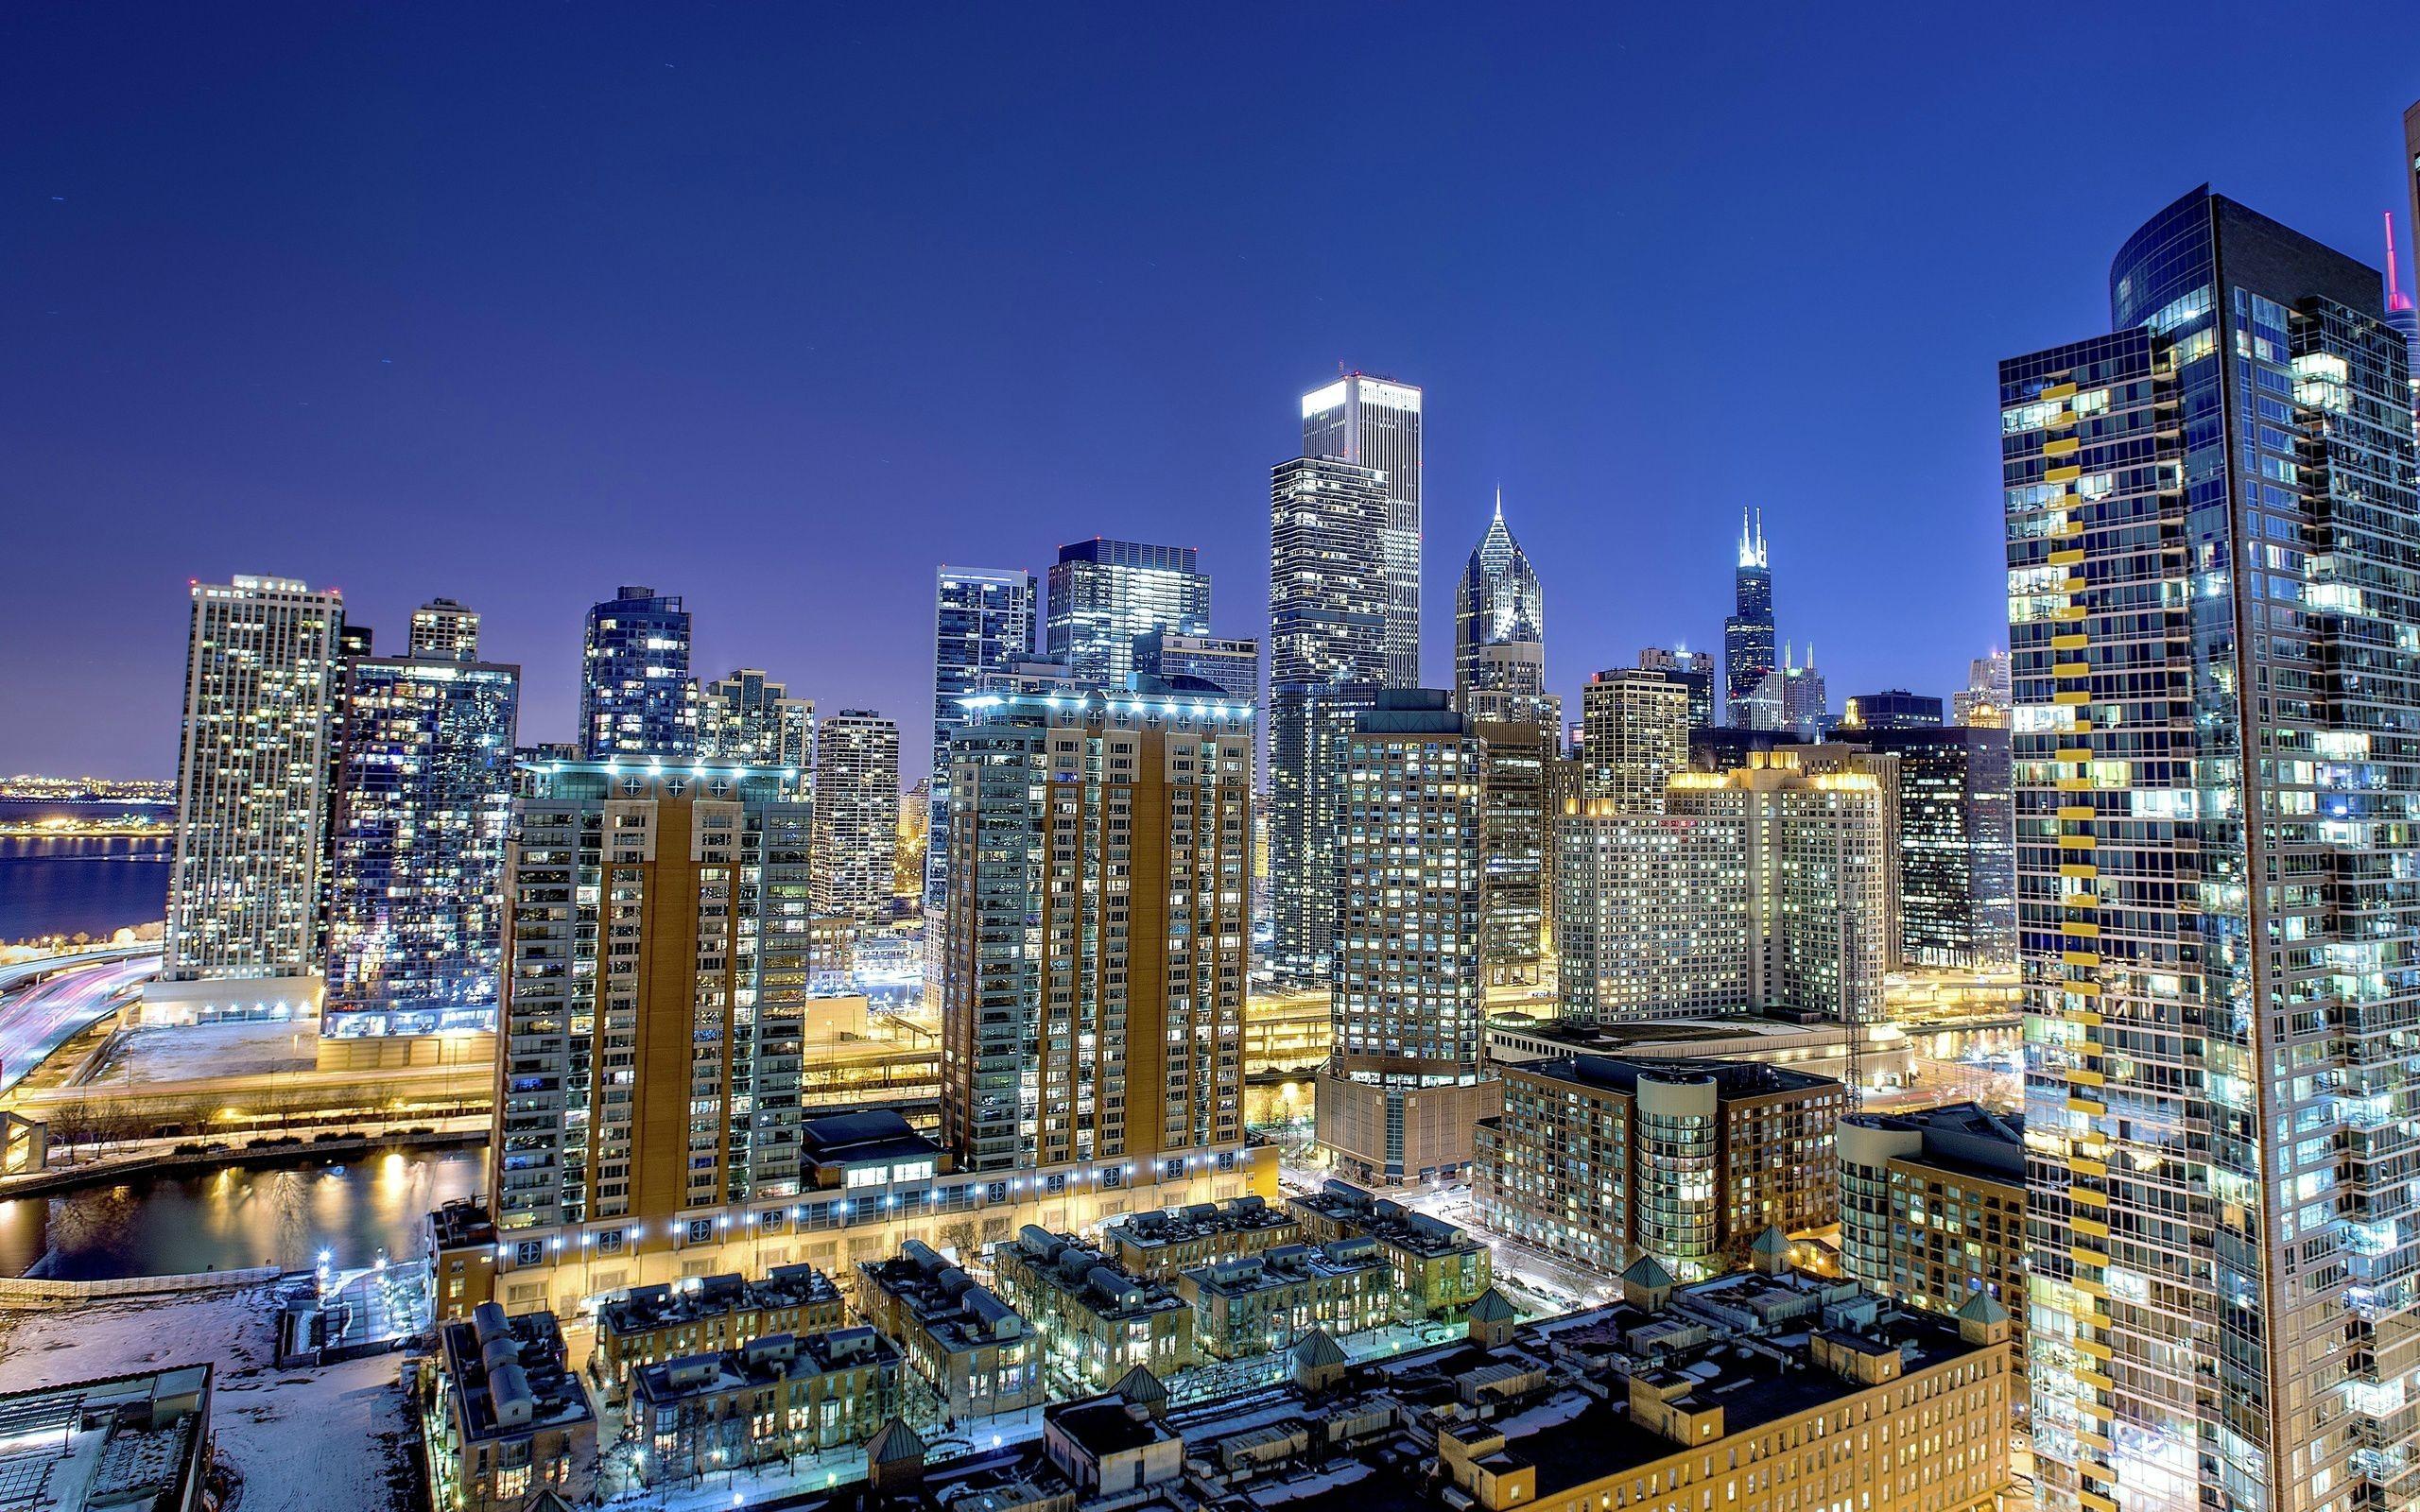 чикаго огни город Chicago lights the city загрузить